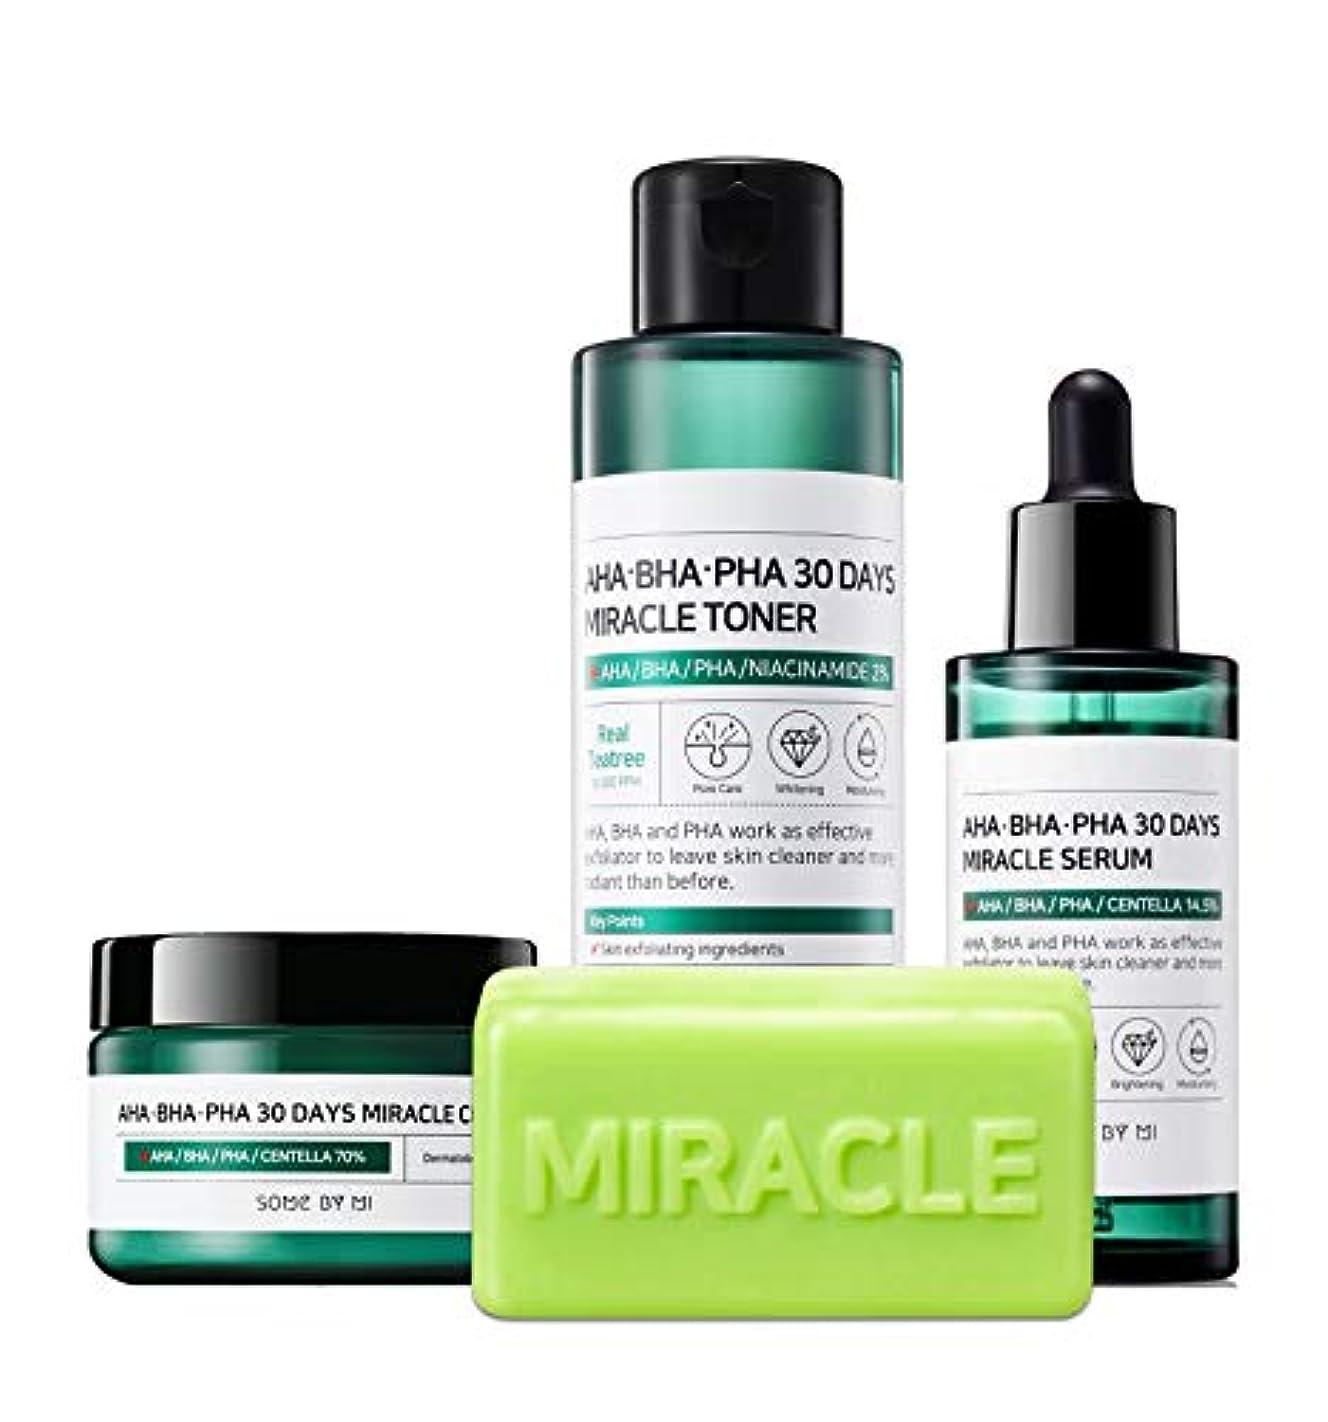 スクラッチ本体主張するSomebymi (サムバイミー) AHA BHA PHA Miracle Series Full Set 4 Pcs (Soap, Toner, Serum, Cream) Anti-acne Exfoliation...